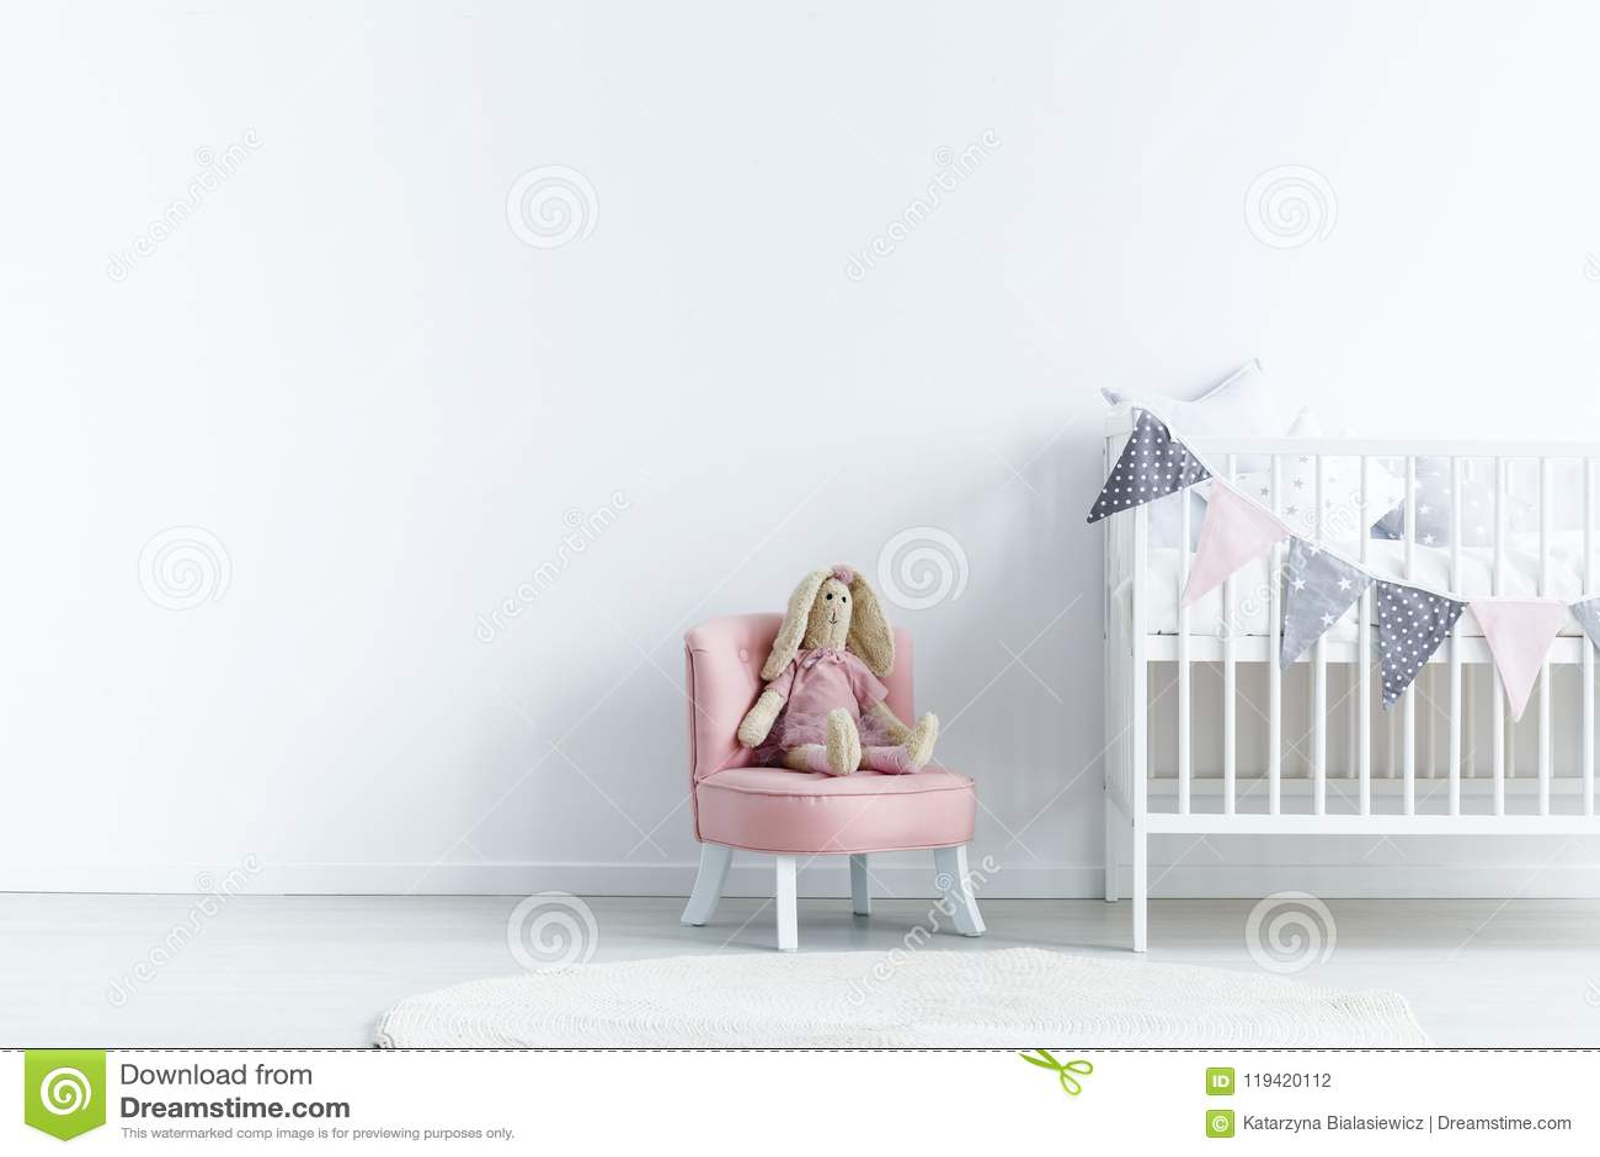 Leere Wand als Nächstes a zum Stuhl mit einem Kaninchen und einer Krippe mit Dreiecken